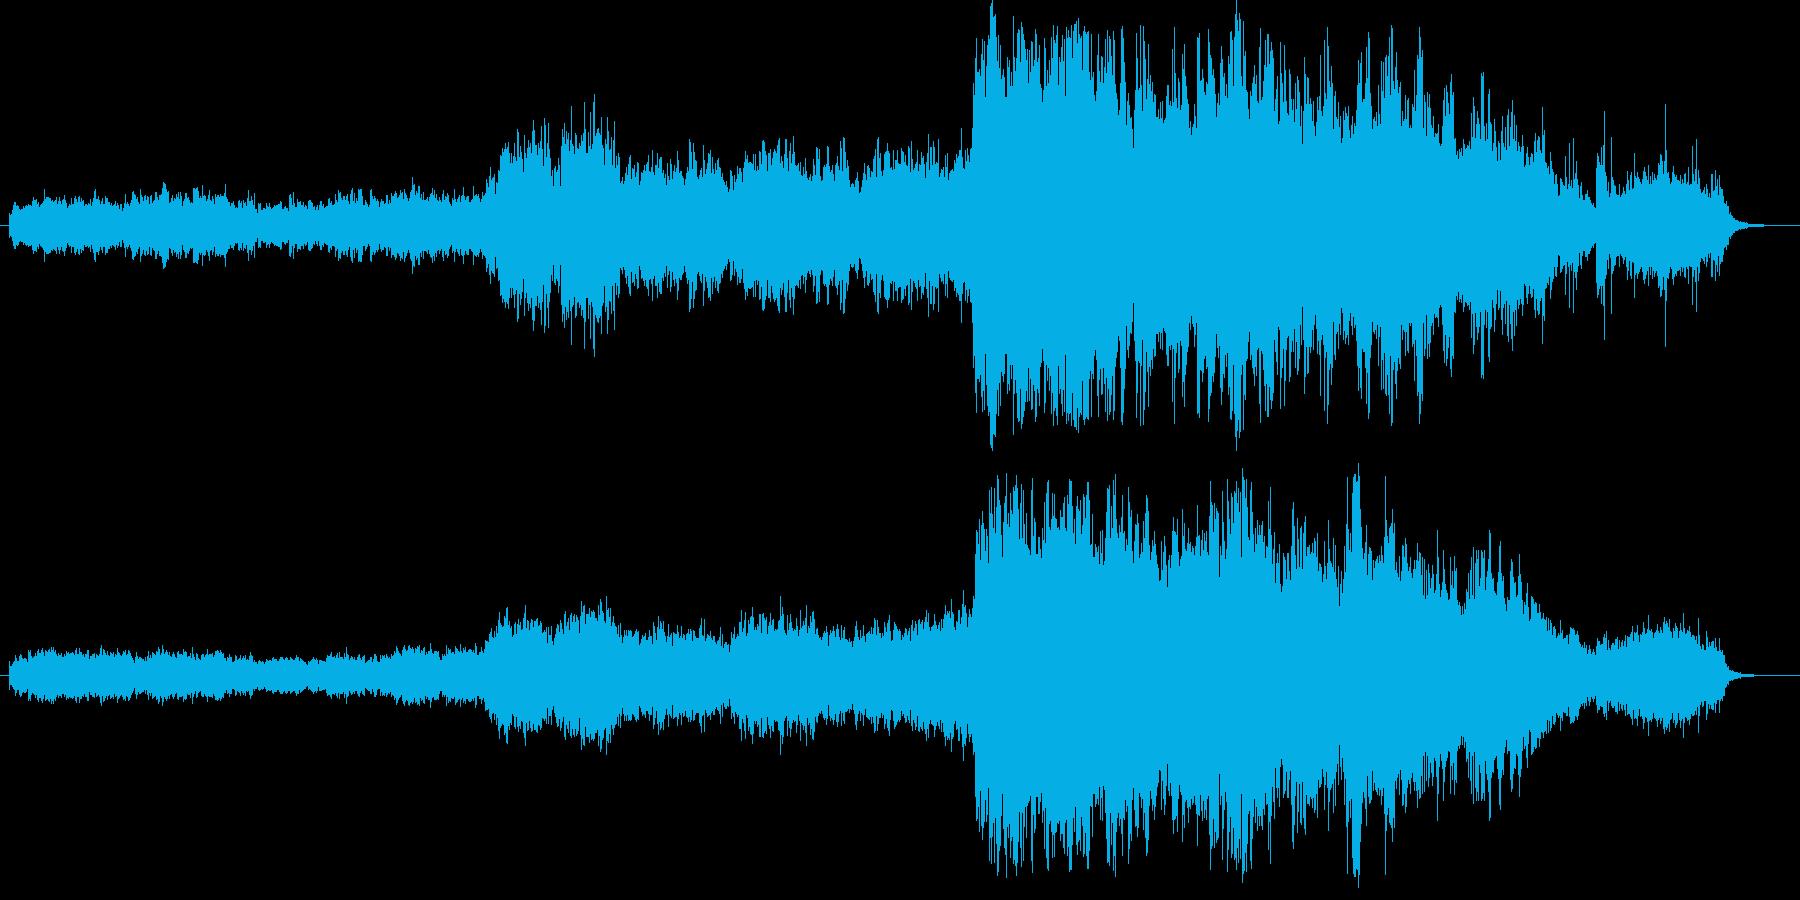 ファンタジーRPGのプロローグをイメー…の再生済みの波形